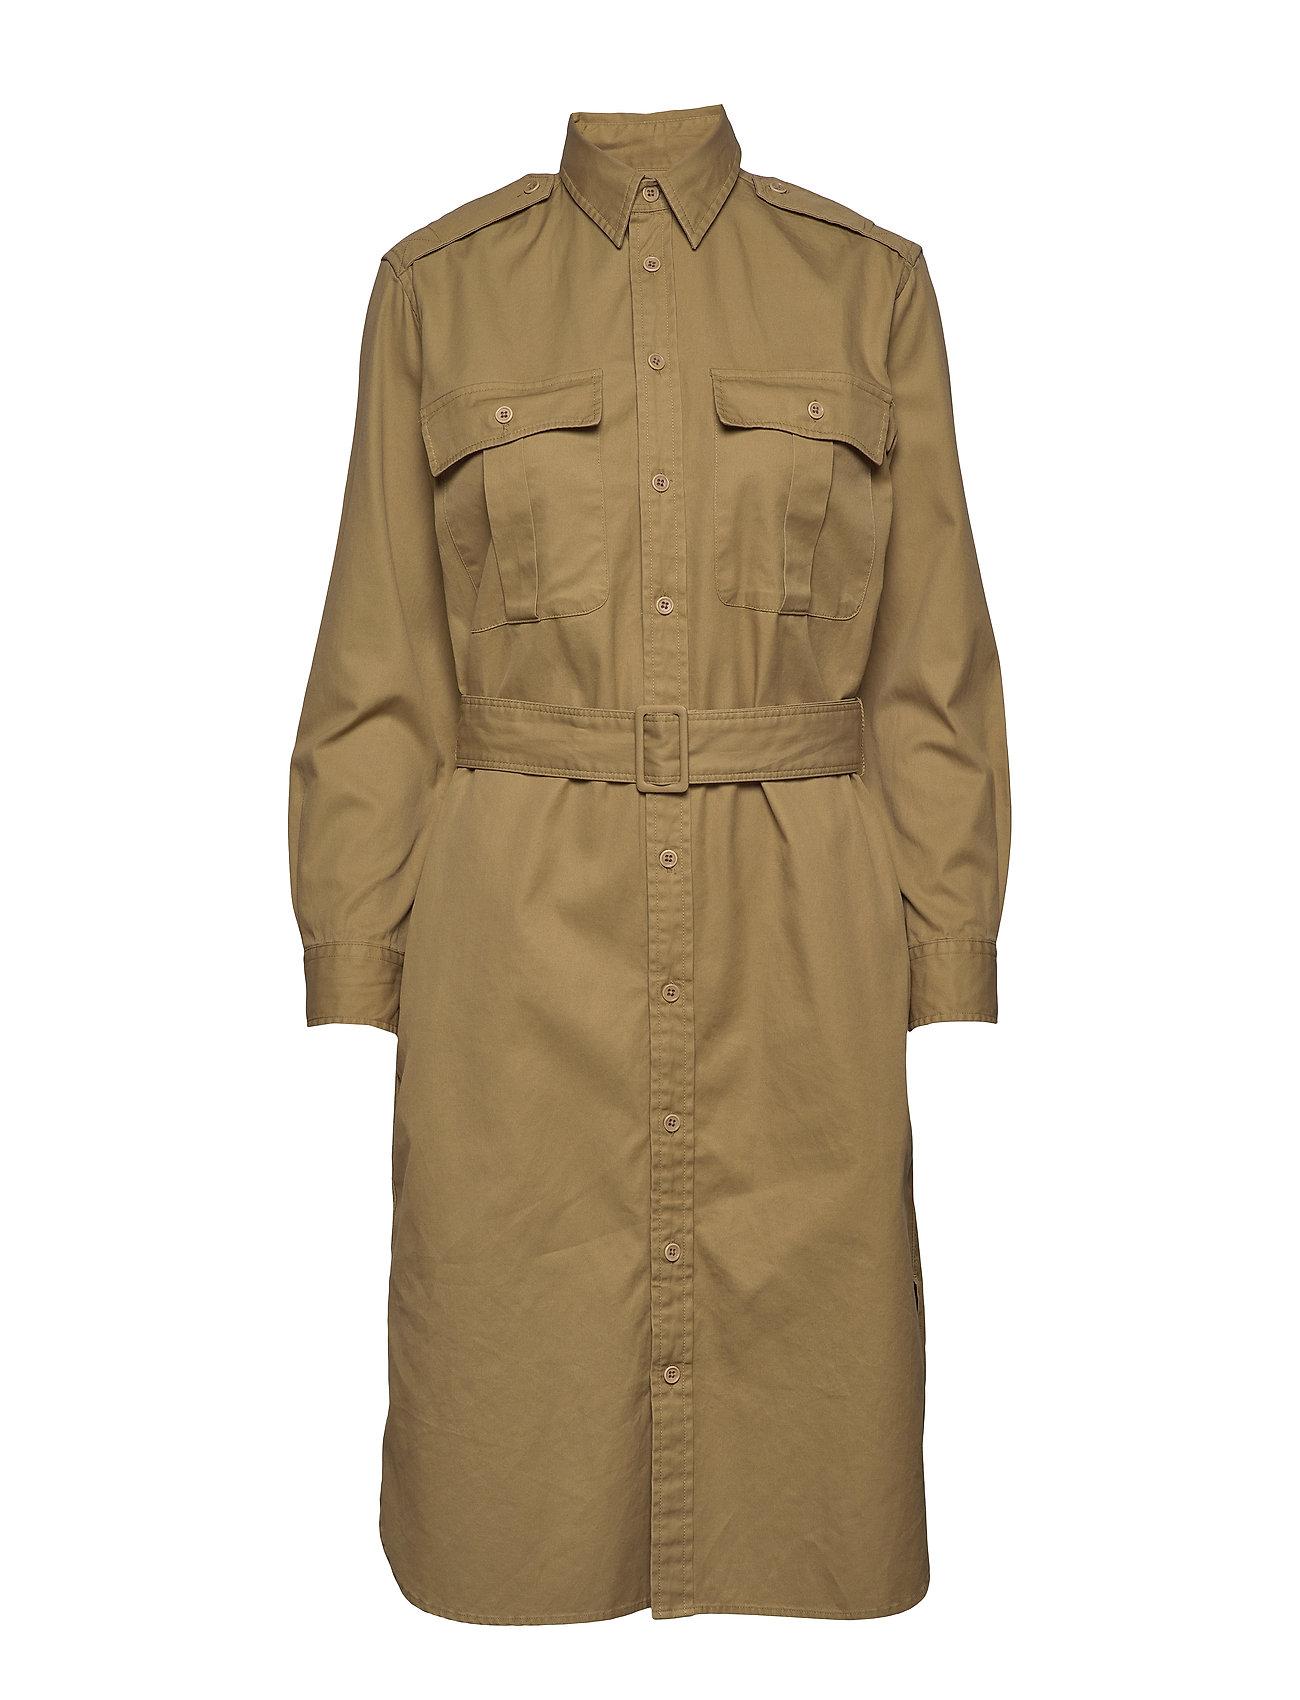 Polo Ralph Lauren Cotton Twill Shirtdress - DESERT TAN